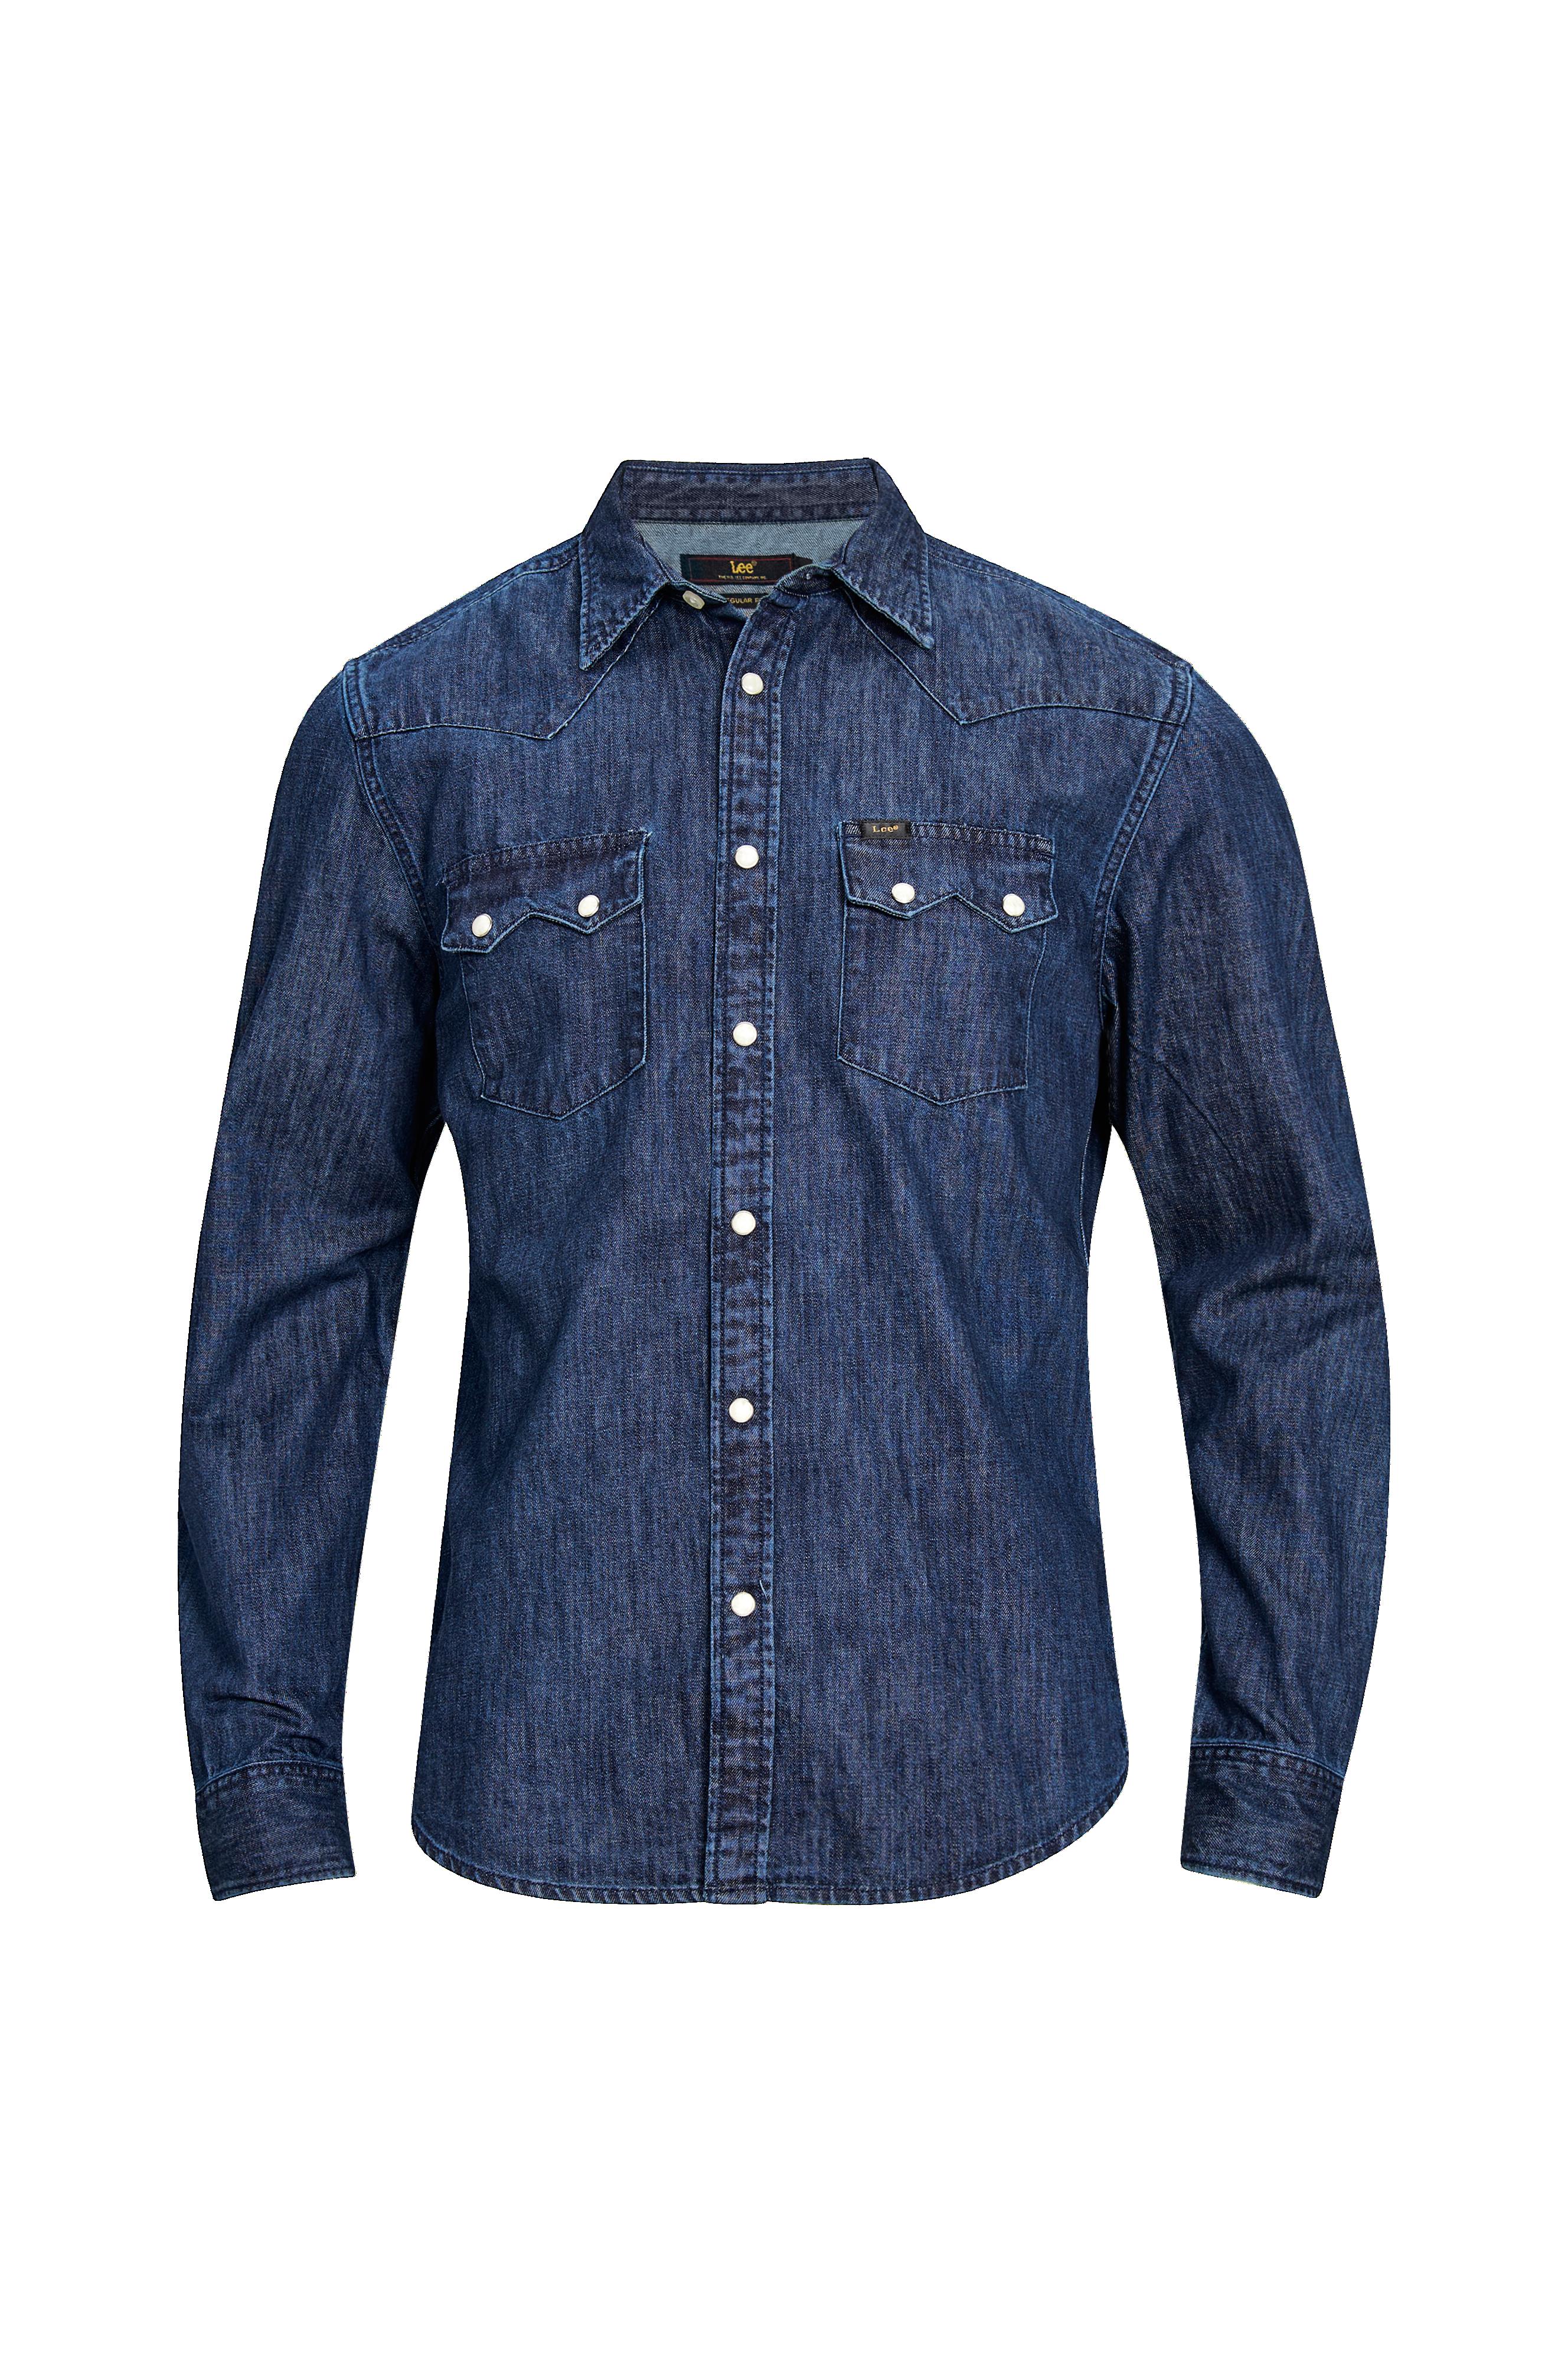 Lee Skjorte Rider Shirt Blå Langermede skjorter til